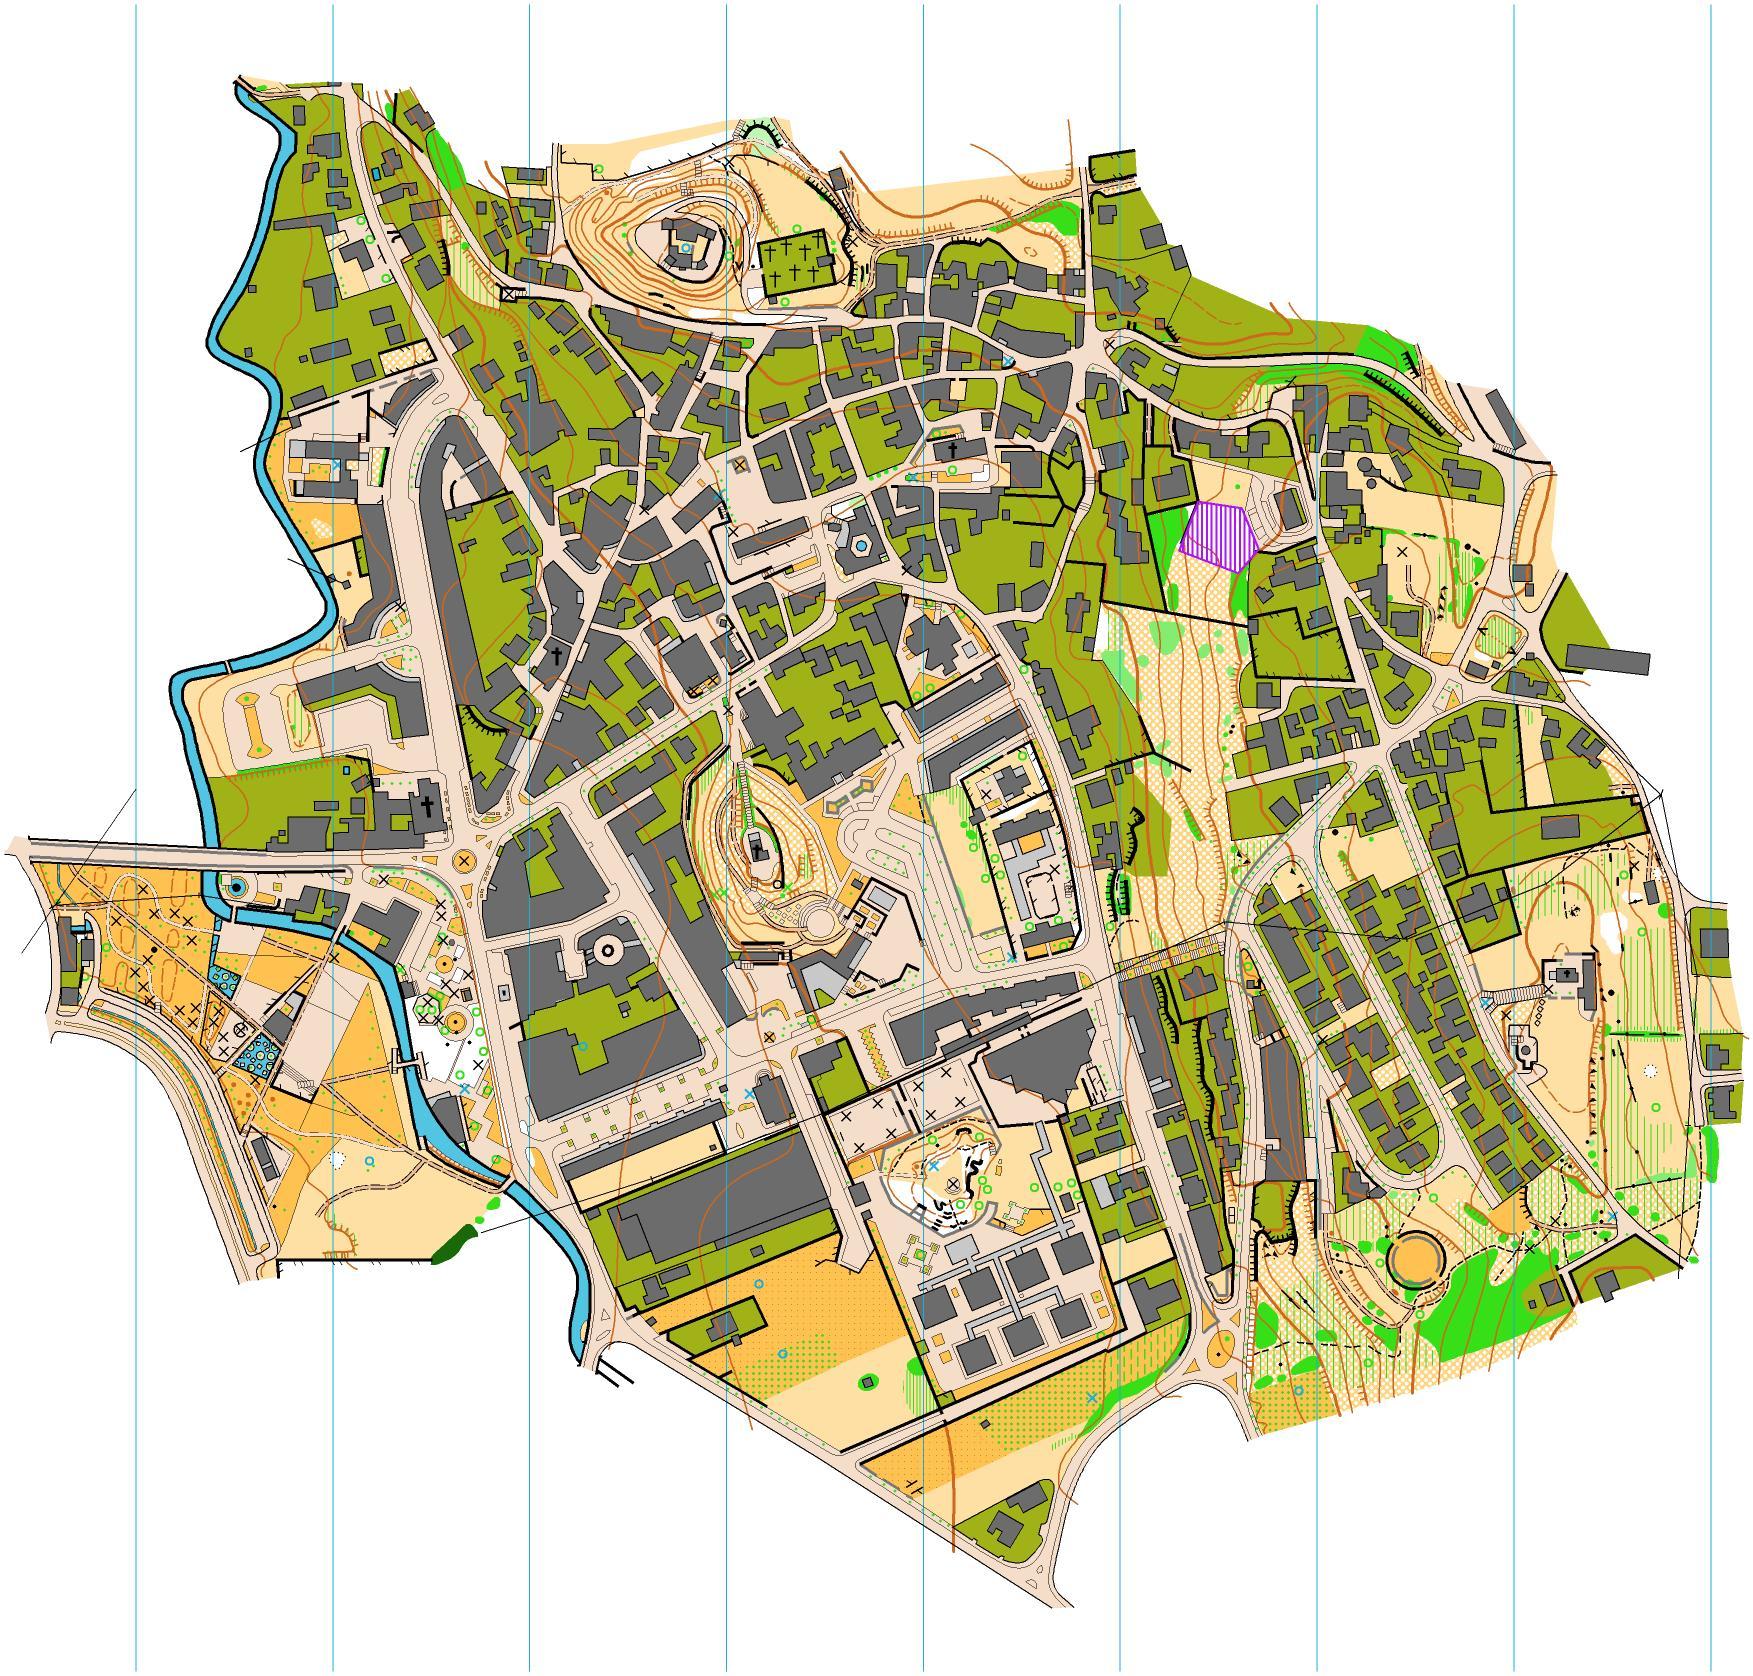 porto de mós mapa Mapas de Porto de Mós e Leiria – 19GPRA4 PMLCR porto de mós mapa